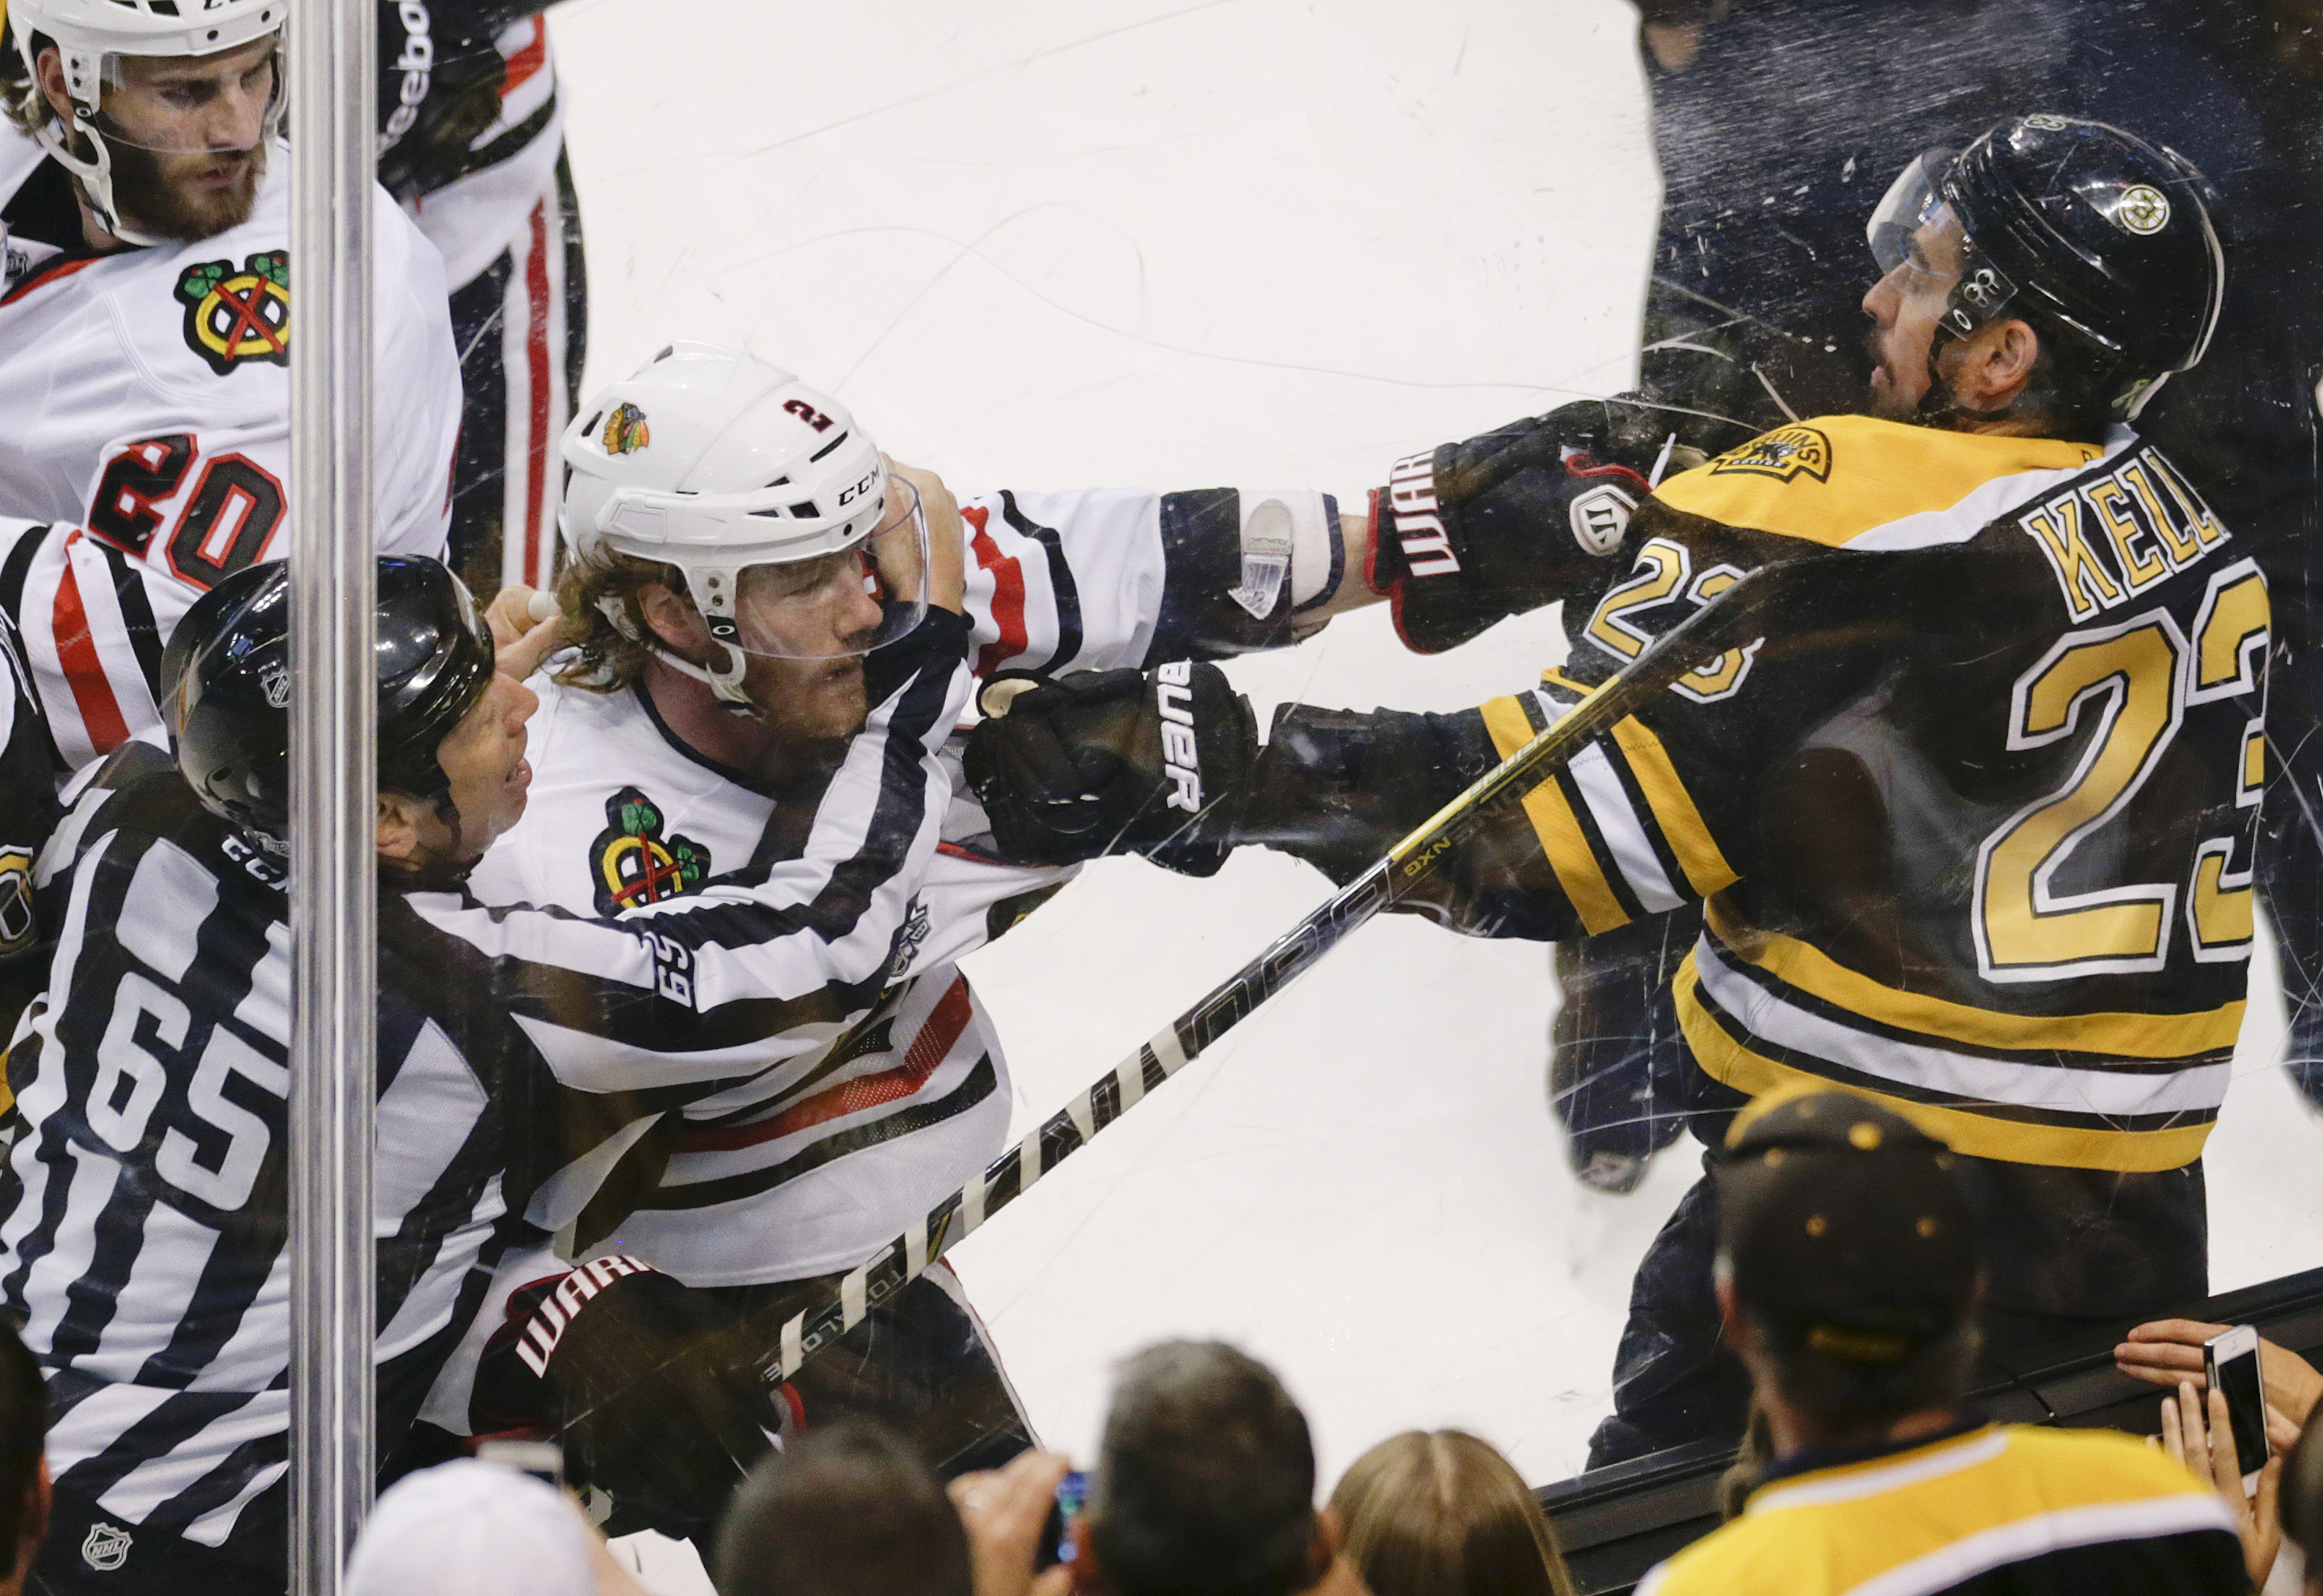 Blackhawks beat Bruins 6-5 in OT, tie series 2-2